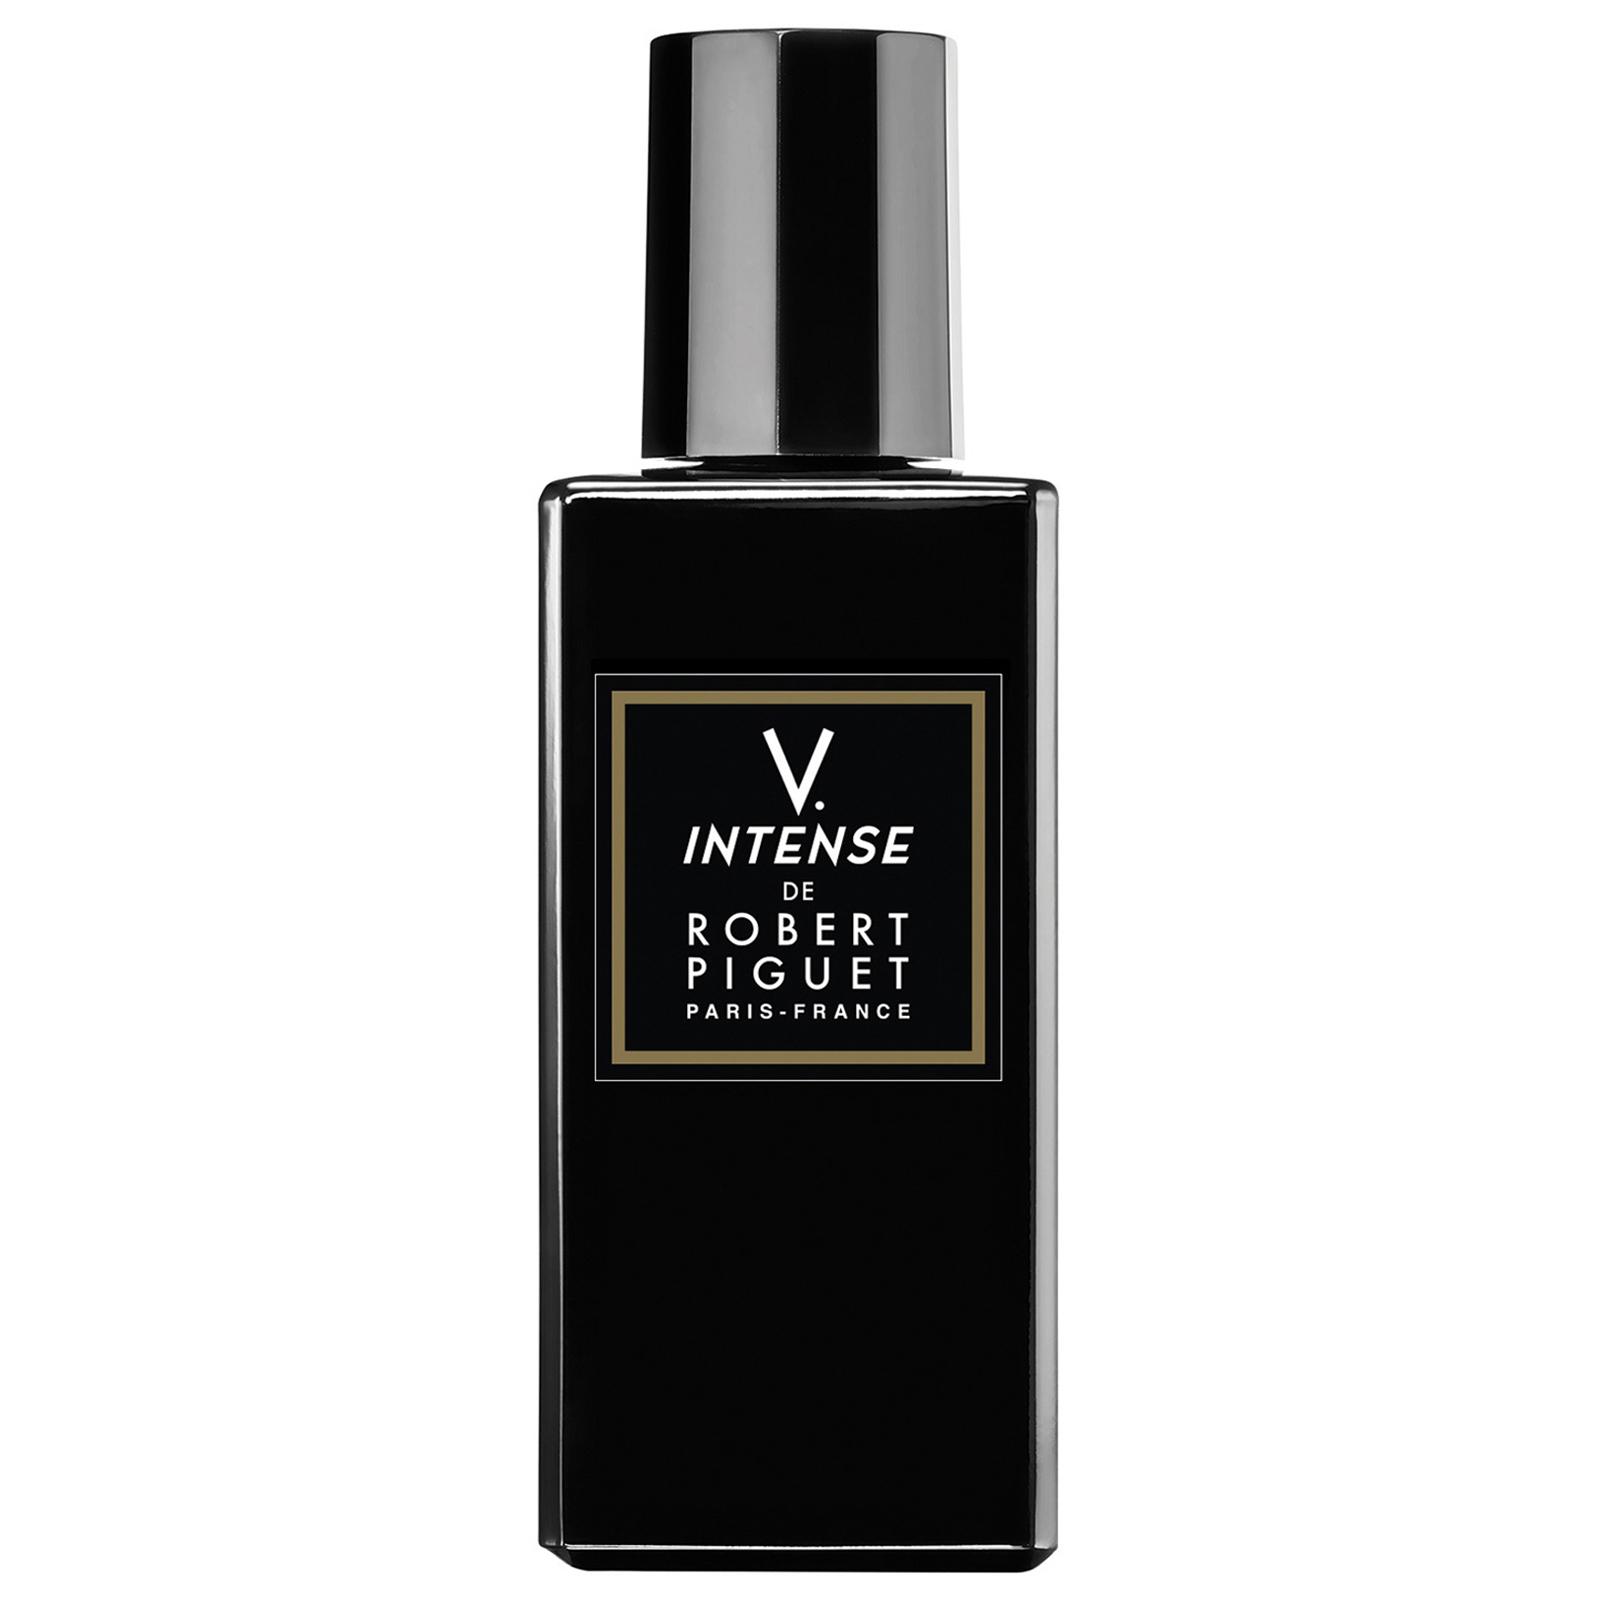 V intense parfüm eau de parfum 100 ml